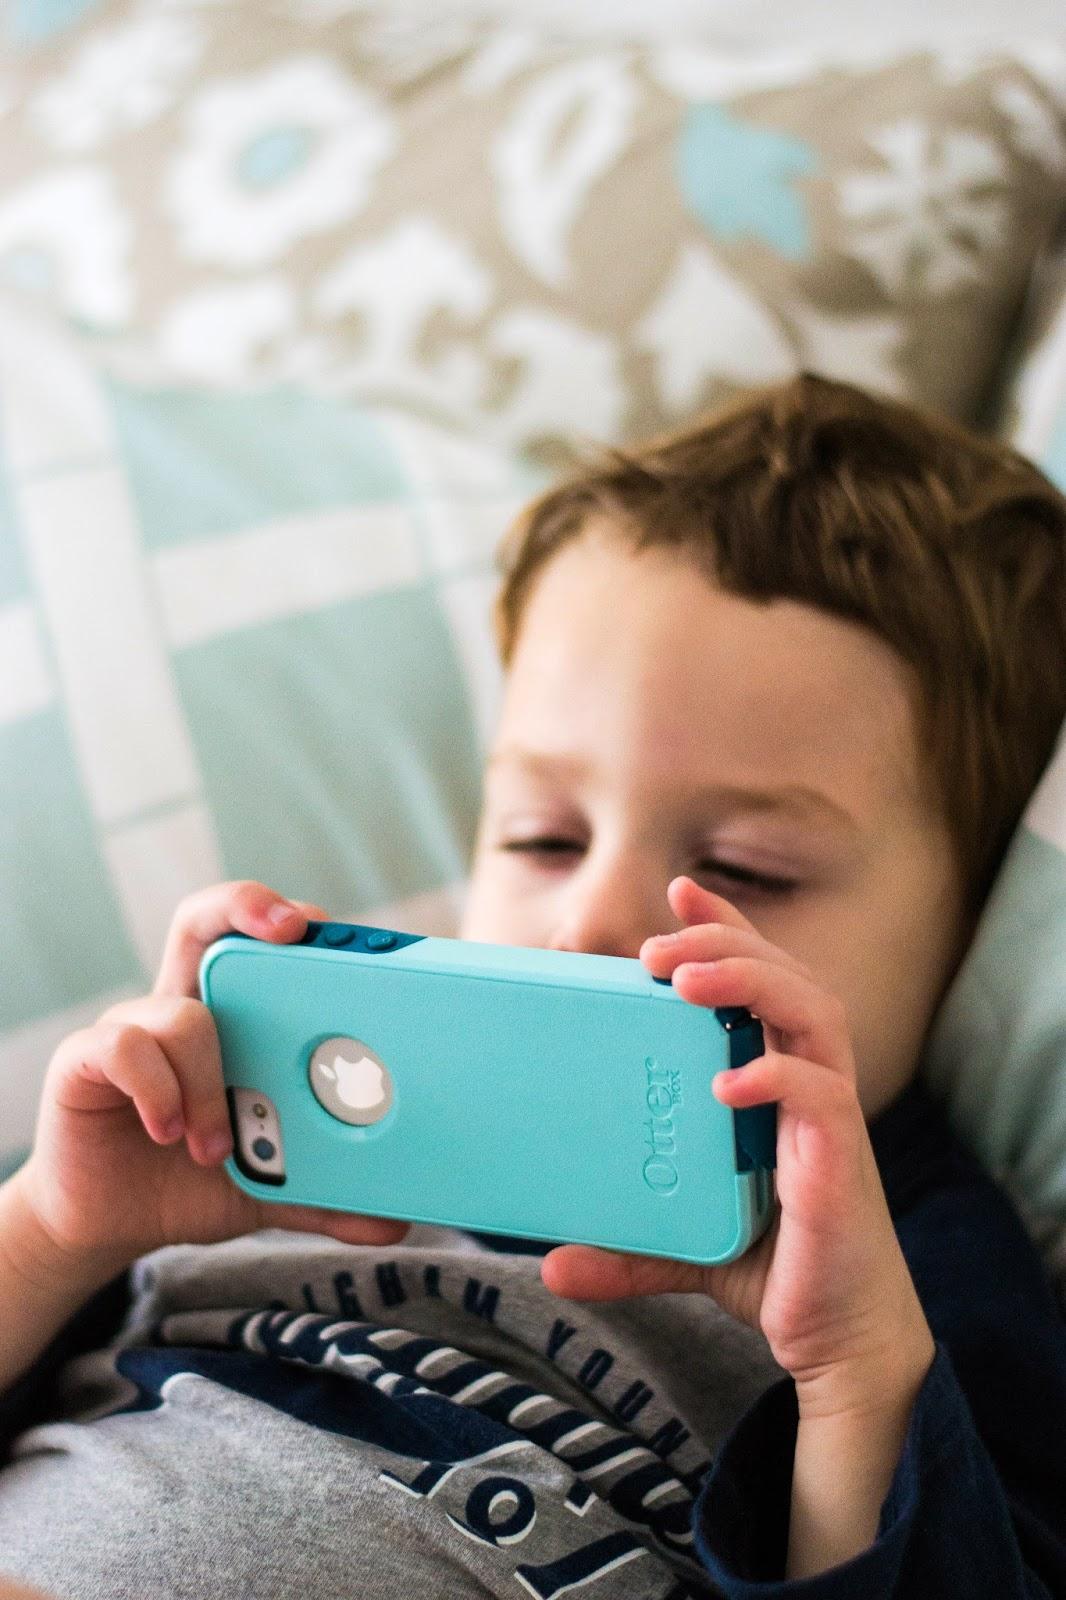 Child Lock App